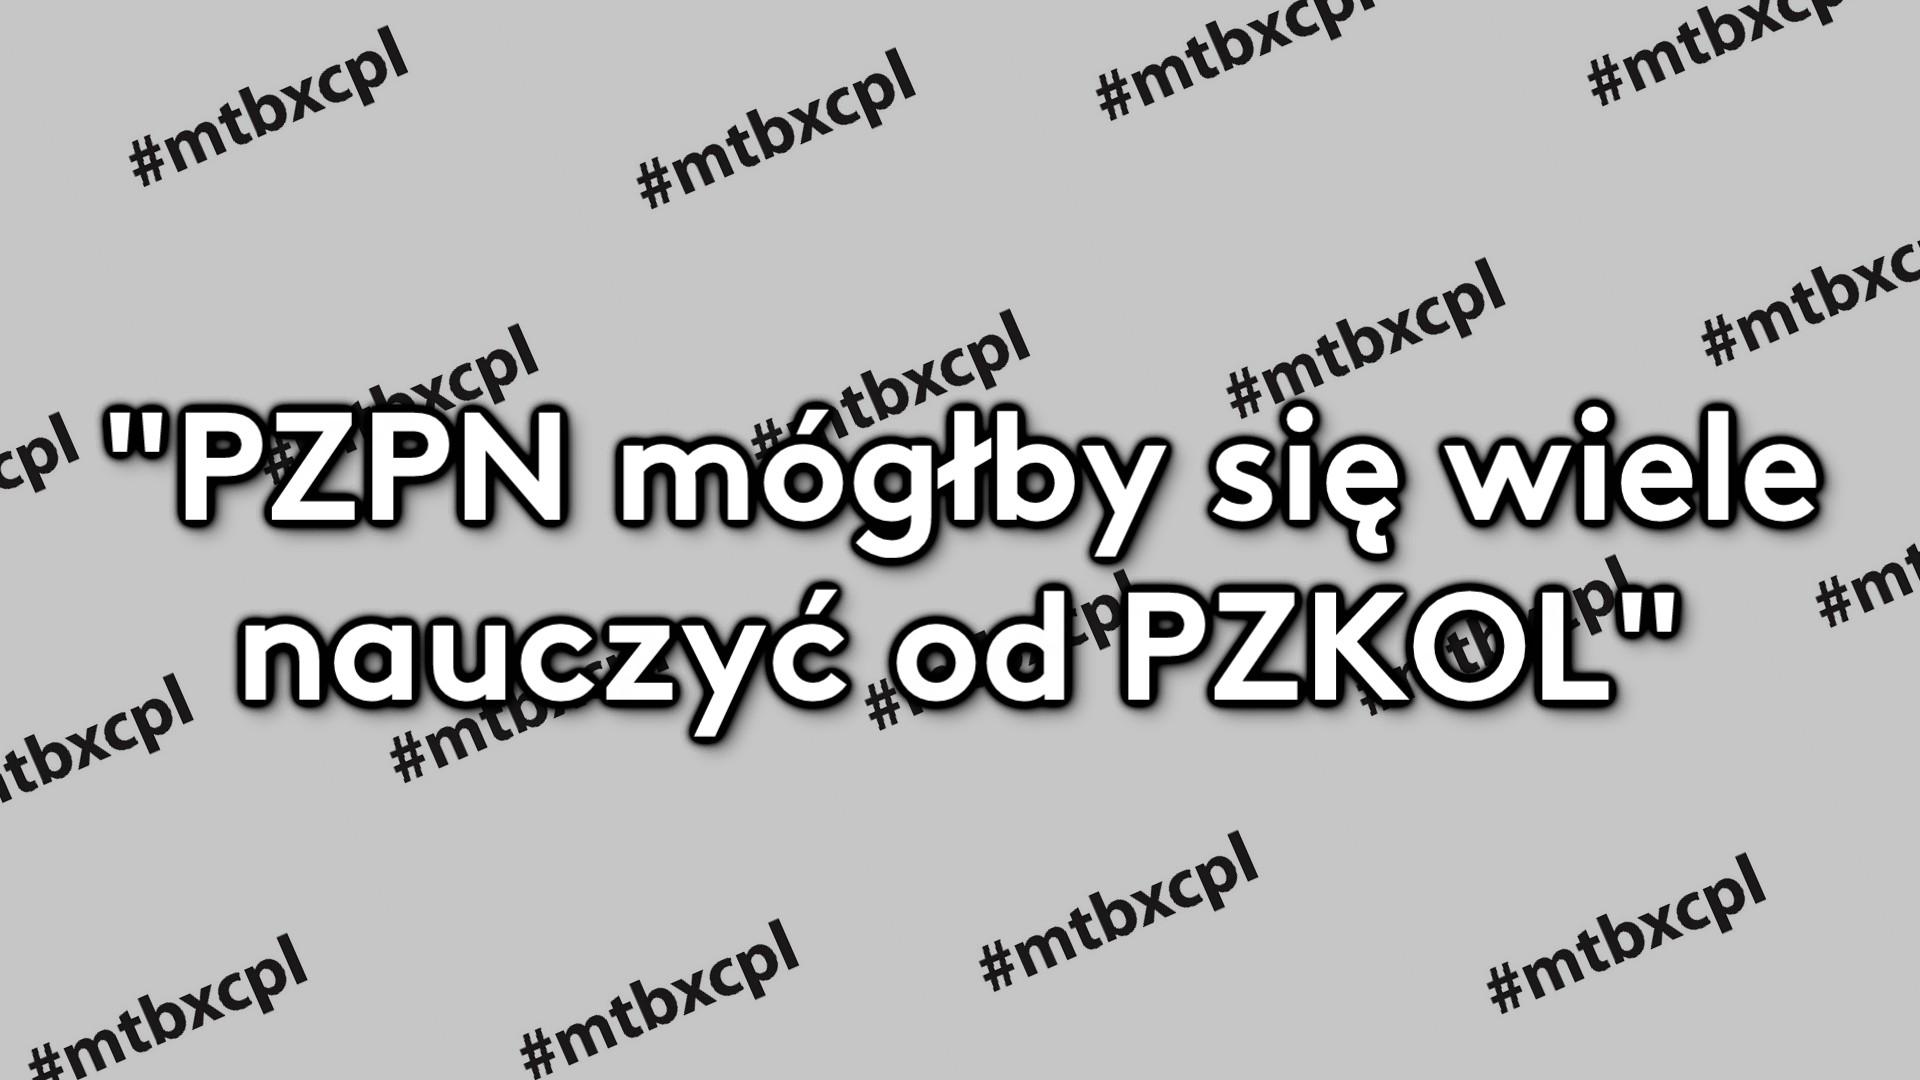 tekst mtbxcpl_000007